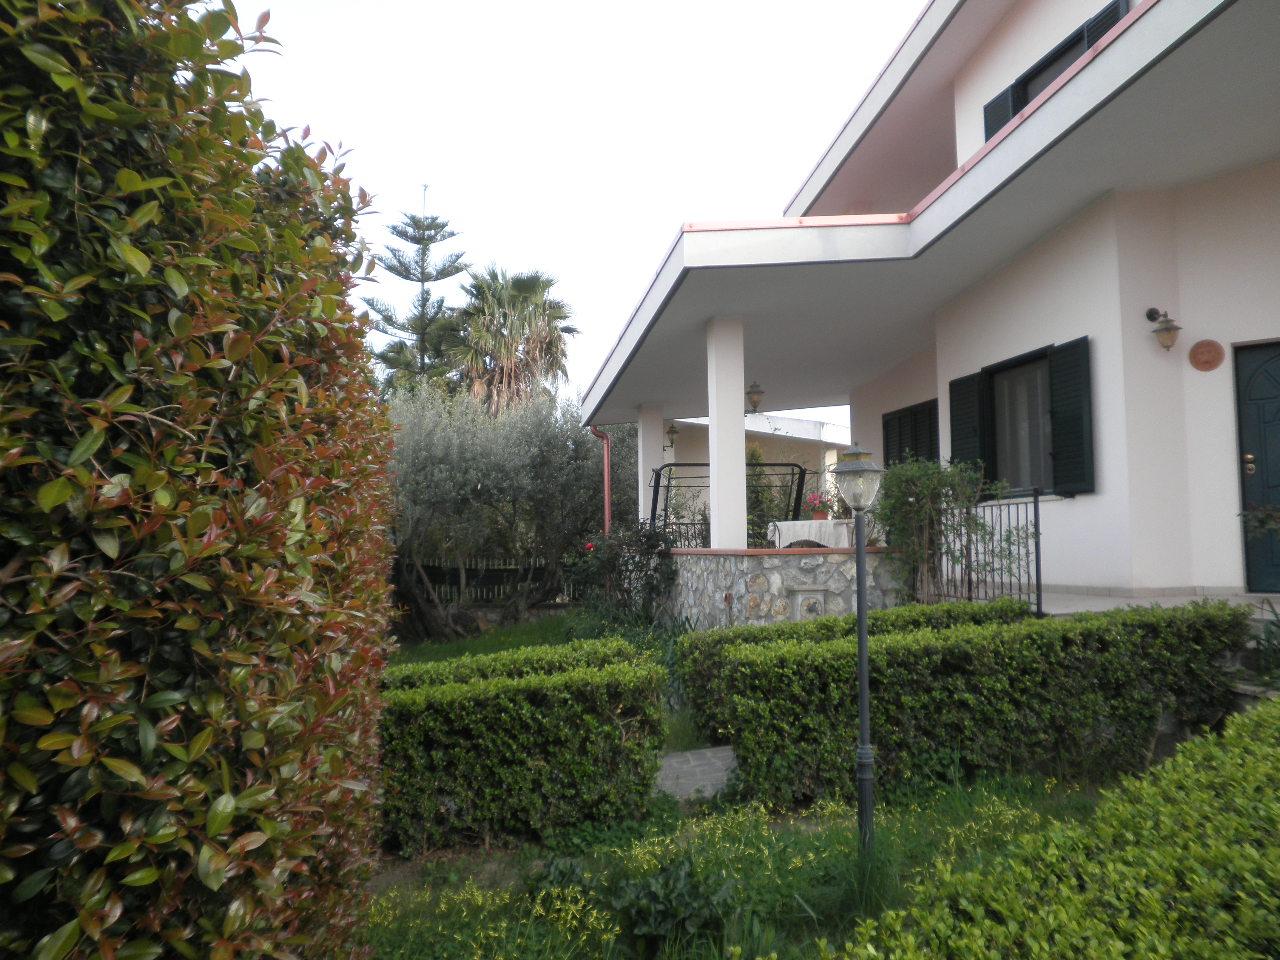 Villa in vendita a Simeri Crichi, 6 locali, zona Località: SimeriMare, prezzo € 360.000   CambioCasa.it